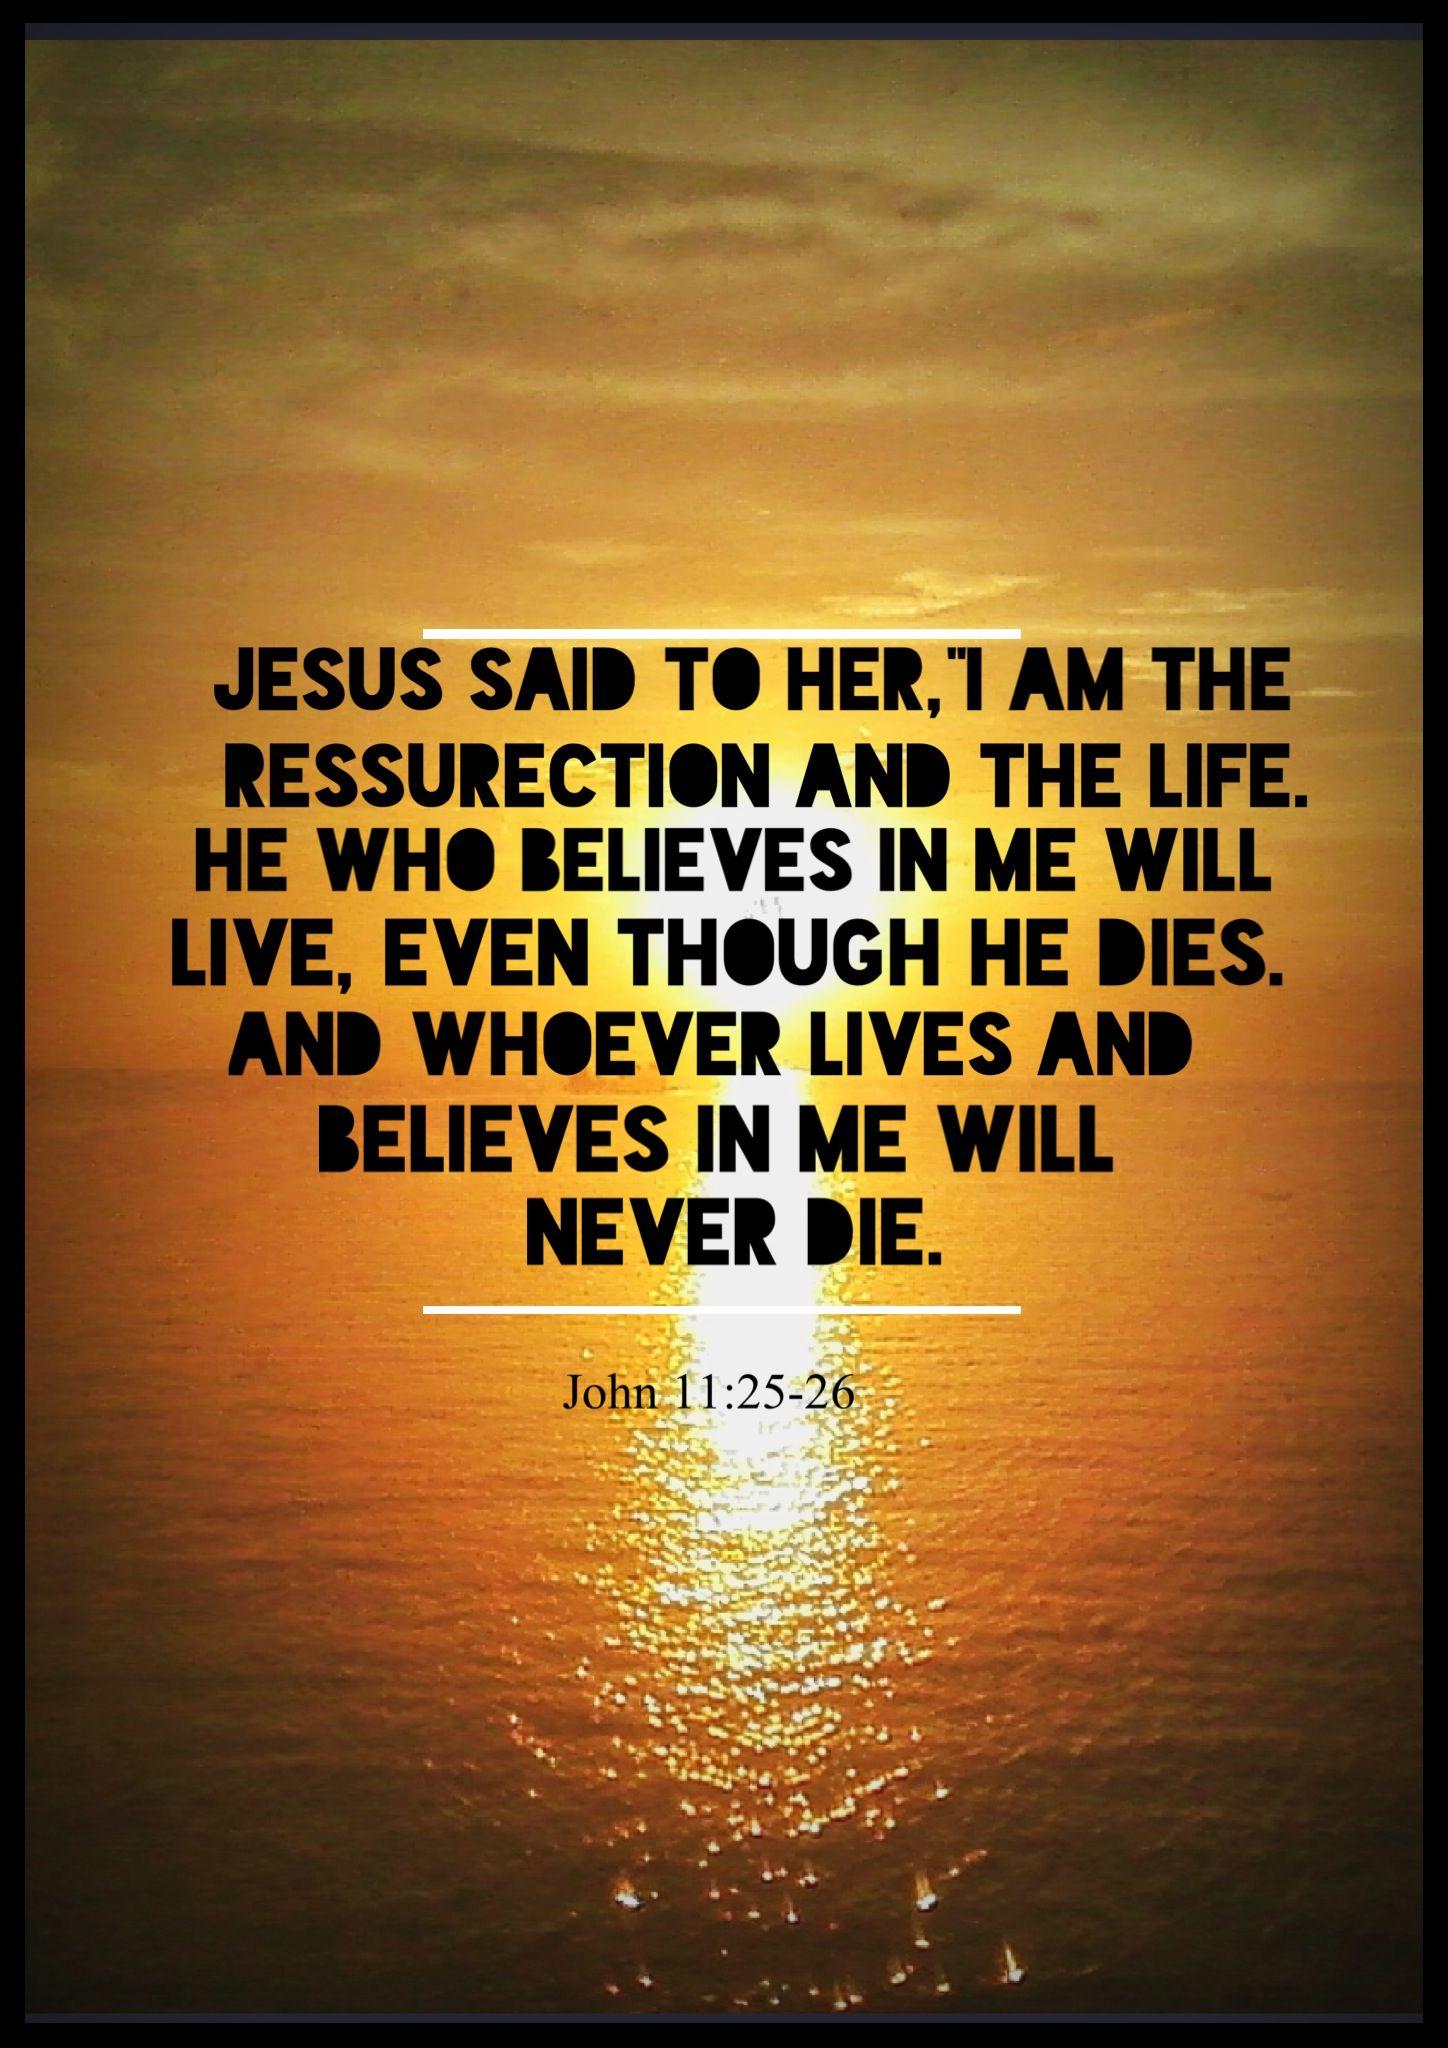 John 11:25-26 | Jesus quotes, John 11 25 26, Jesus